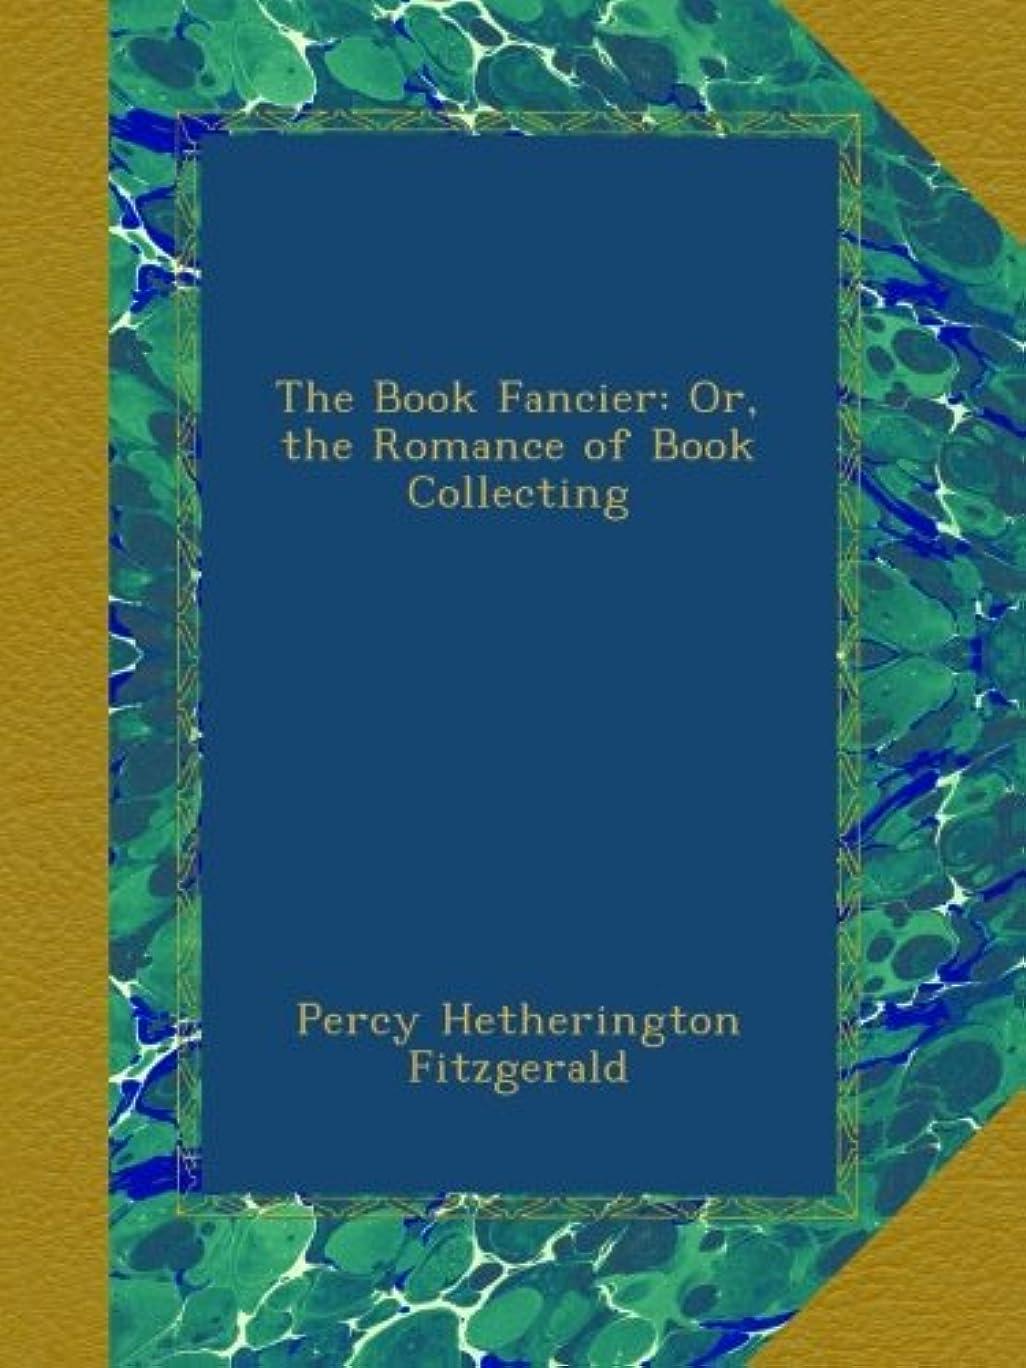 ラッドヤードキップリング剥ぎ取る配列The Book Fancier: Or, the Romance of Book Collecting